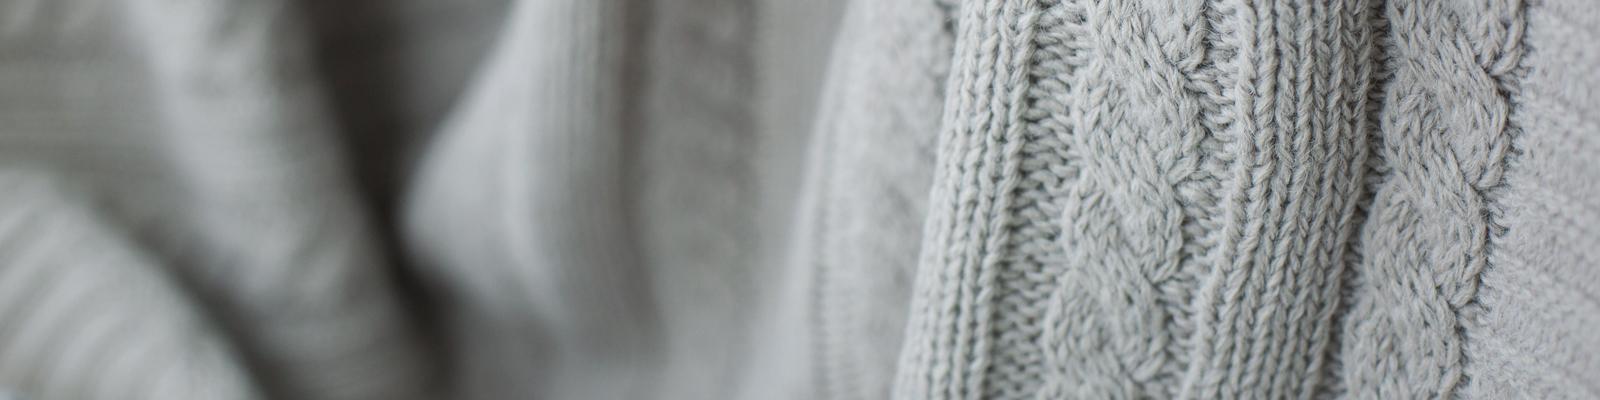 Grey sweater - Mobile Hero Banner. Amica senior living residence.